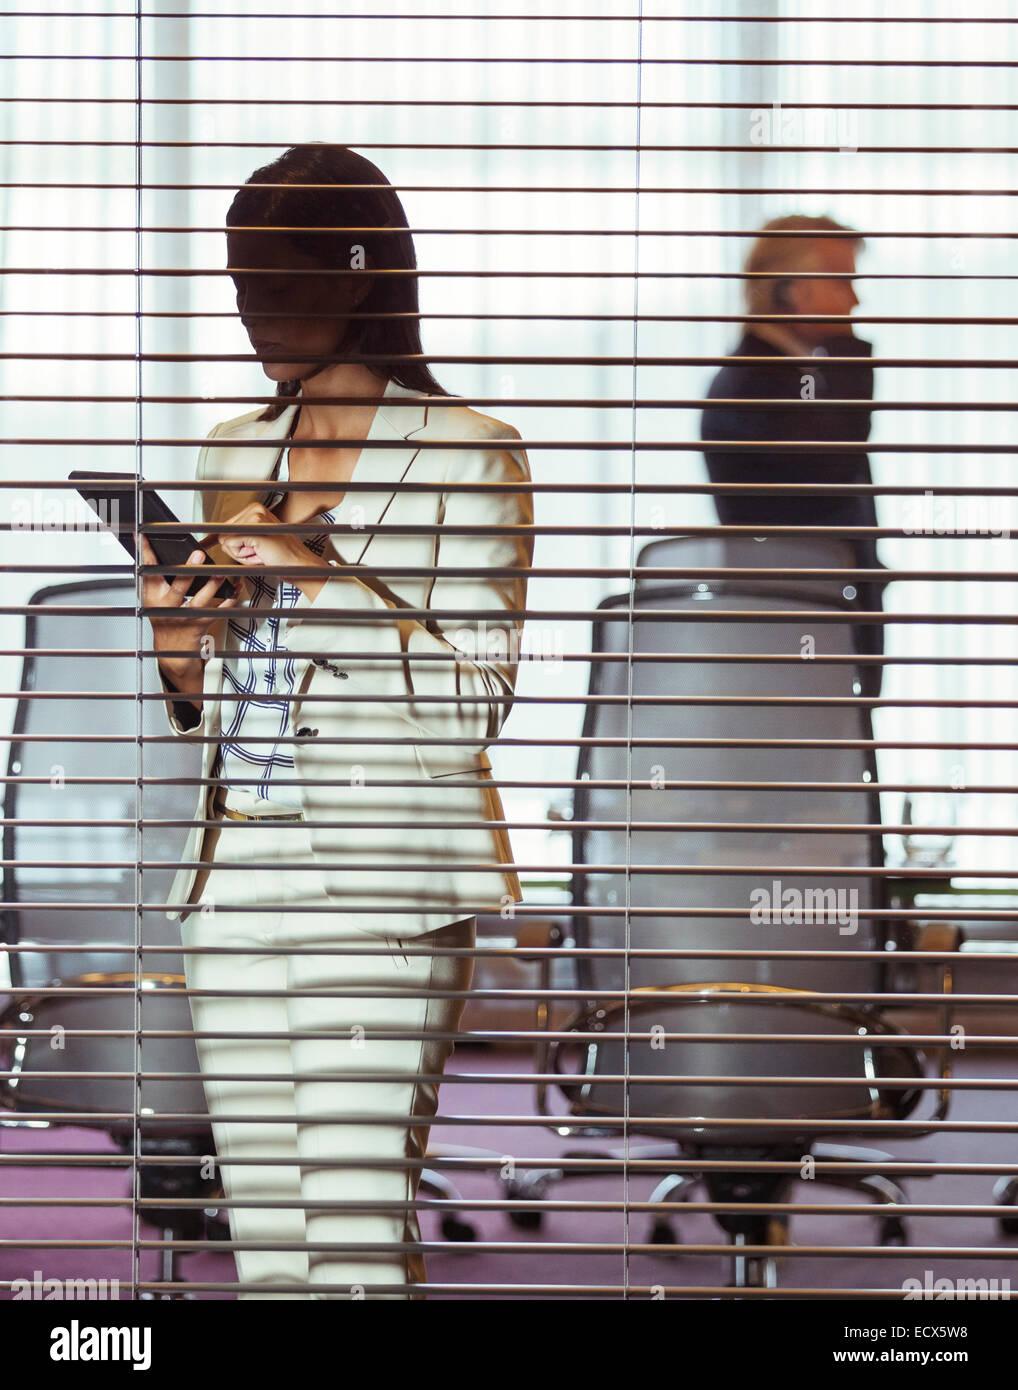 Geschäftsfrau mit Tablet pc stehen im Konferenzraum hinter Jalousien Stockbild